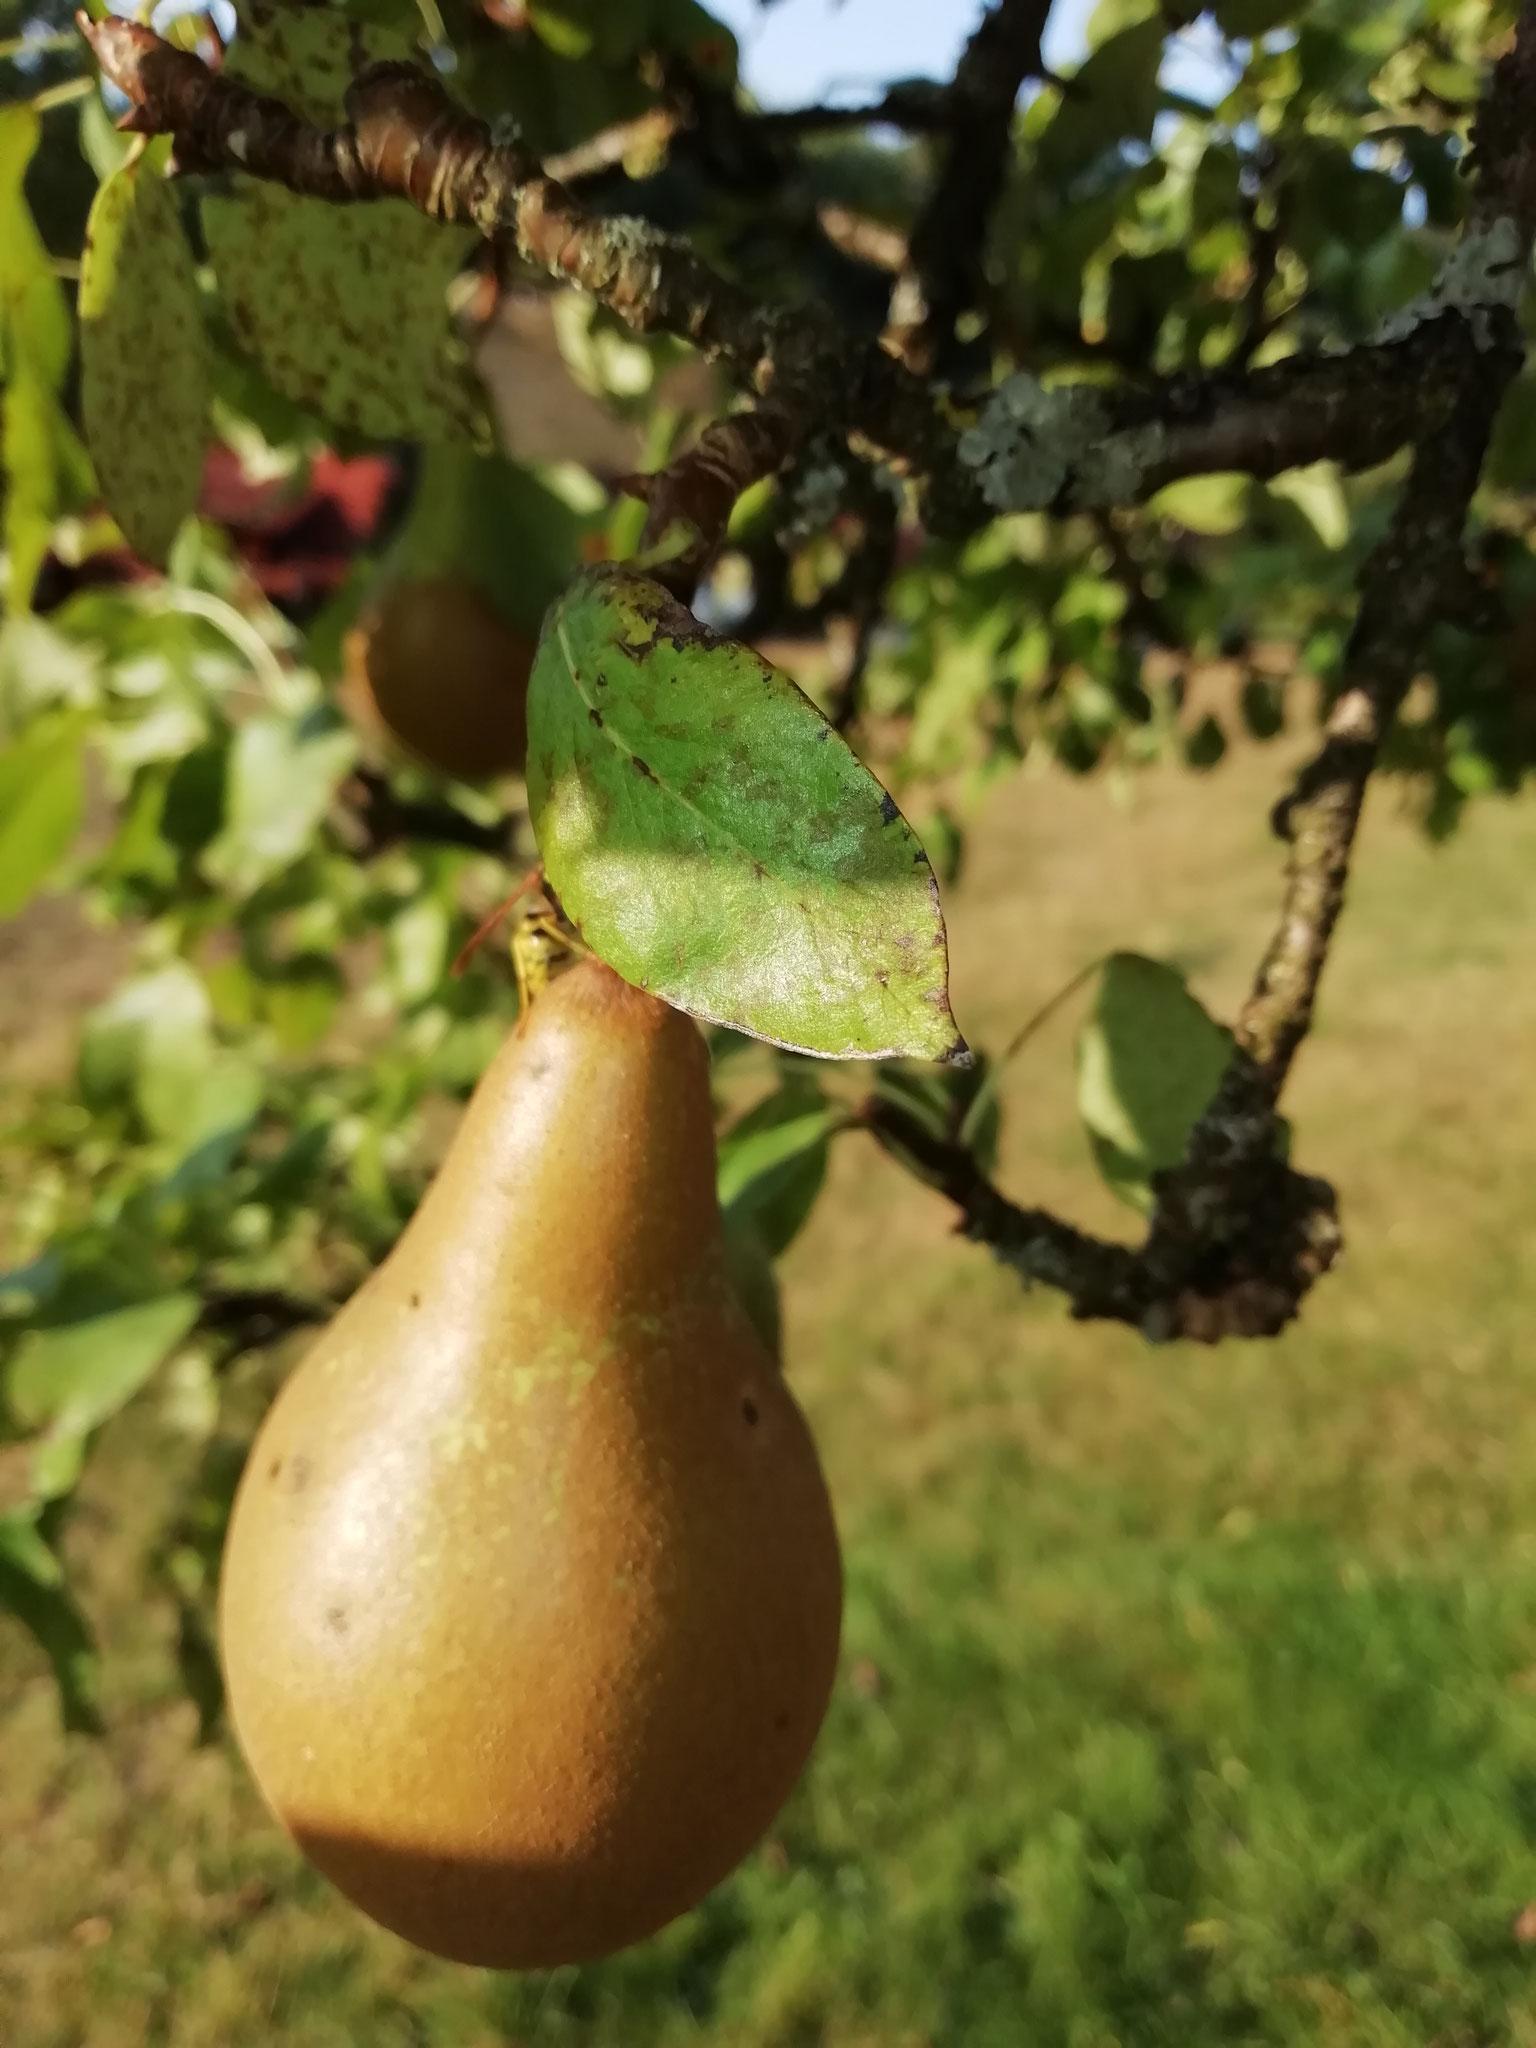 """Birnen für unseren """"Birne mit Zimtfruchtaufstrich"""",  für Birne mit Vanillefruchtaufstrich"""" sowie """"Quitte mit Birnefruchtaufstrich"""""""